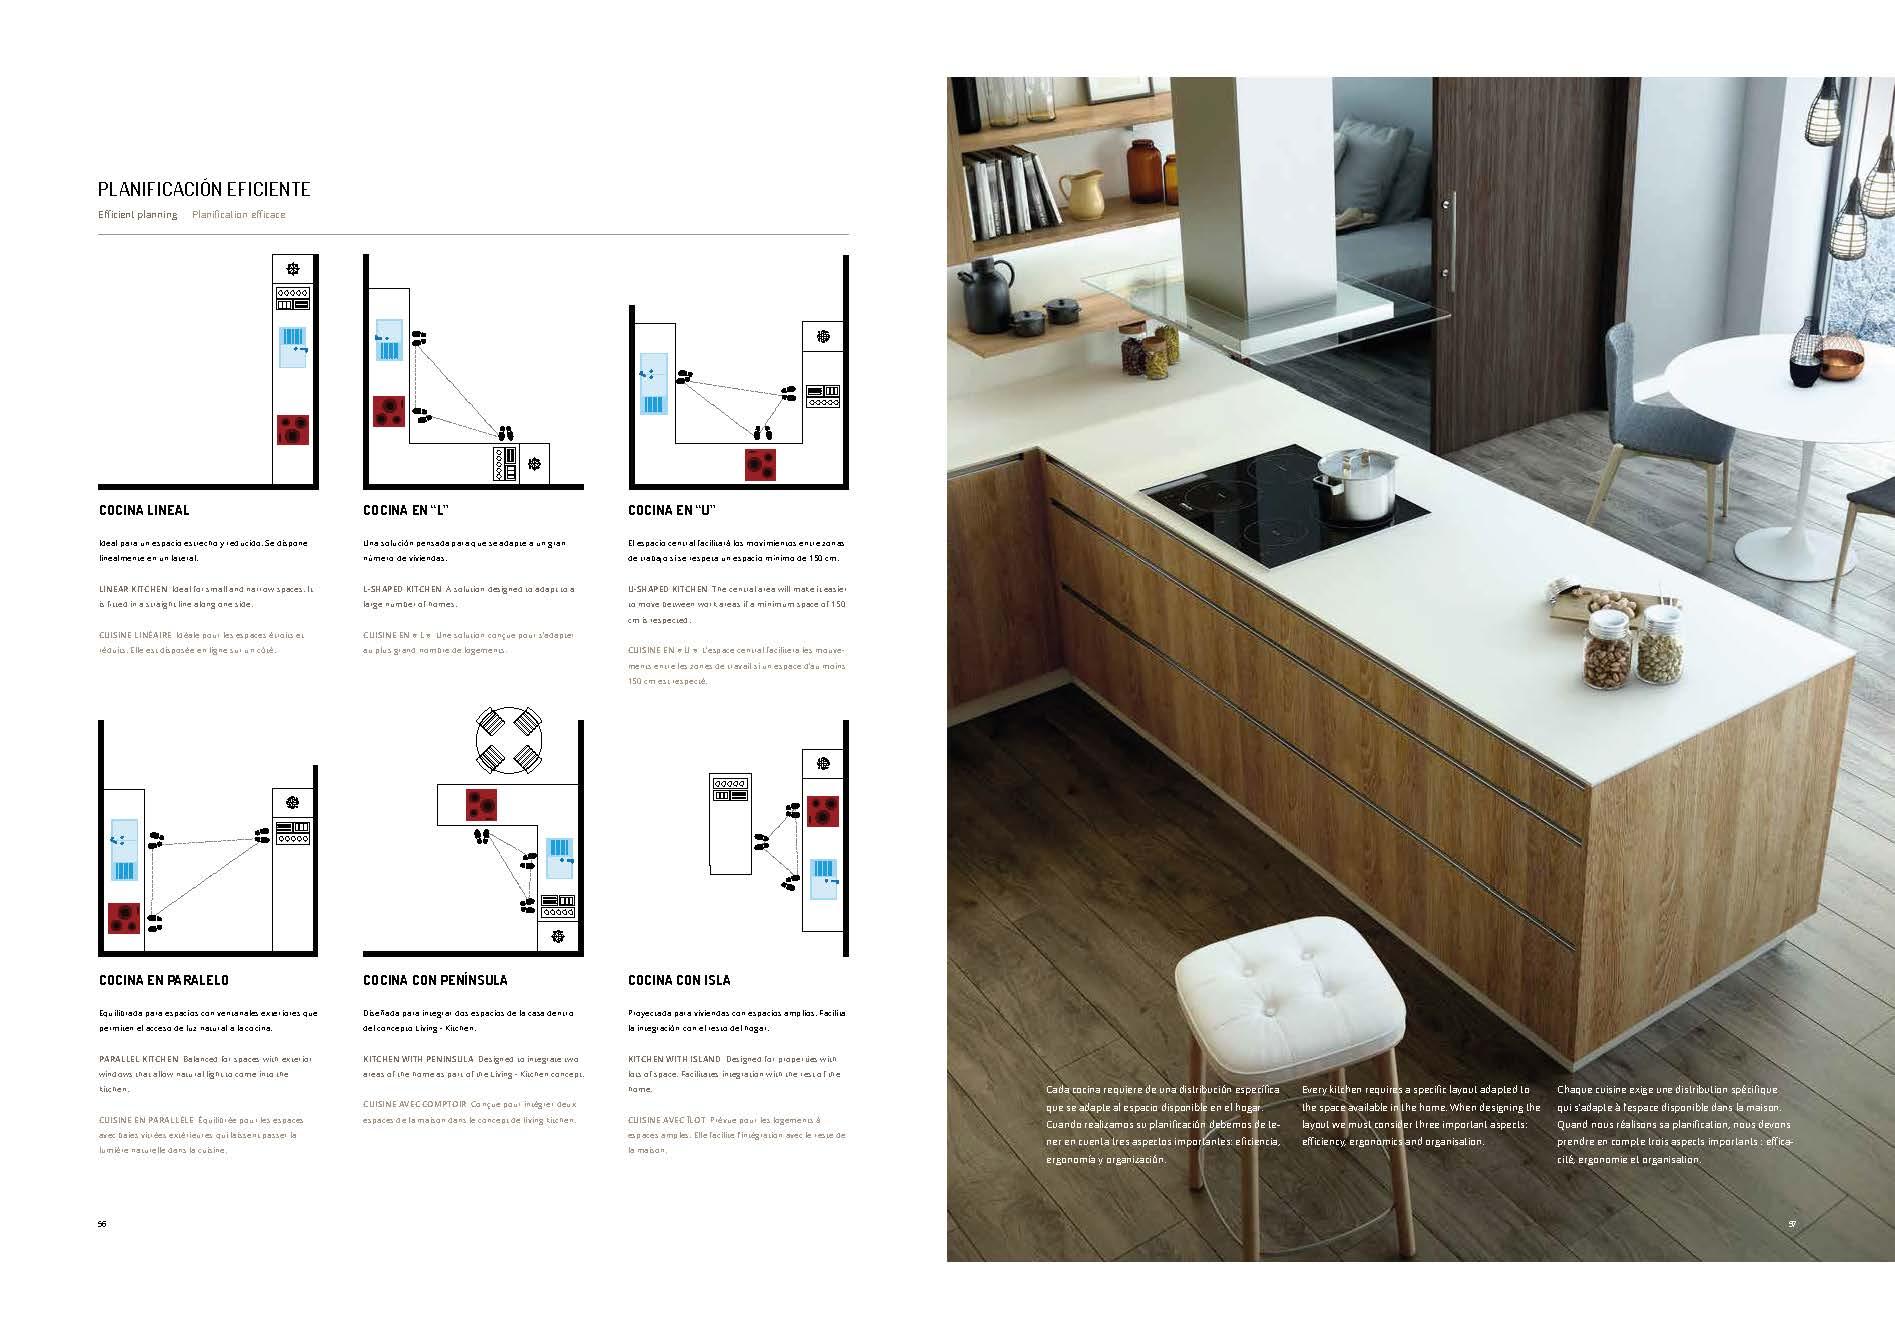 Ficha técnica de planificación de cocina